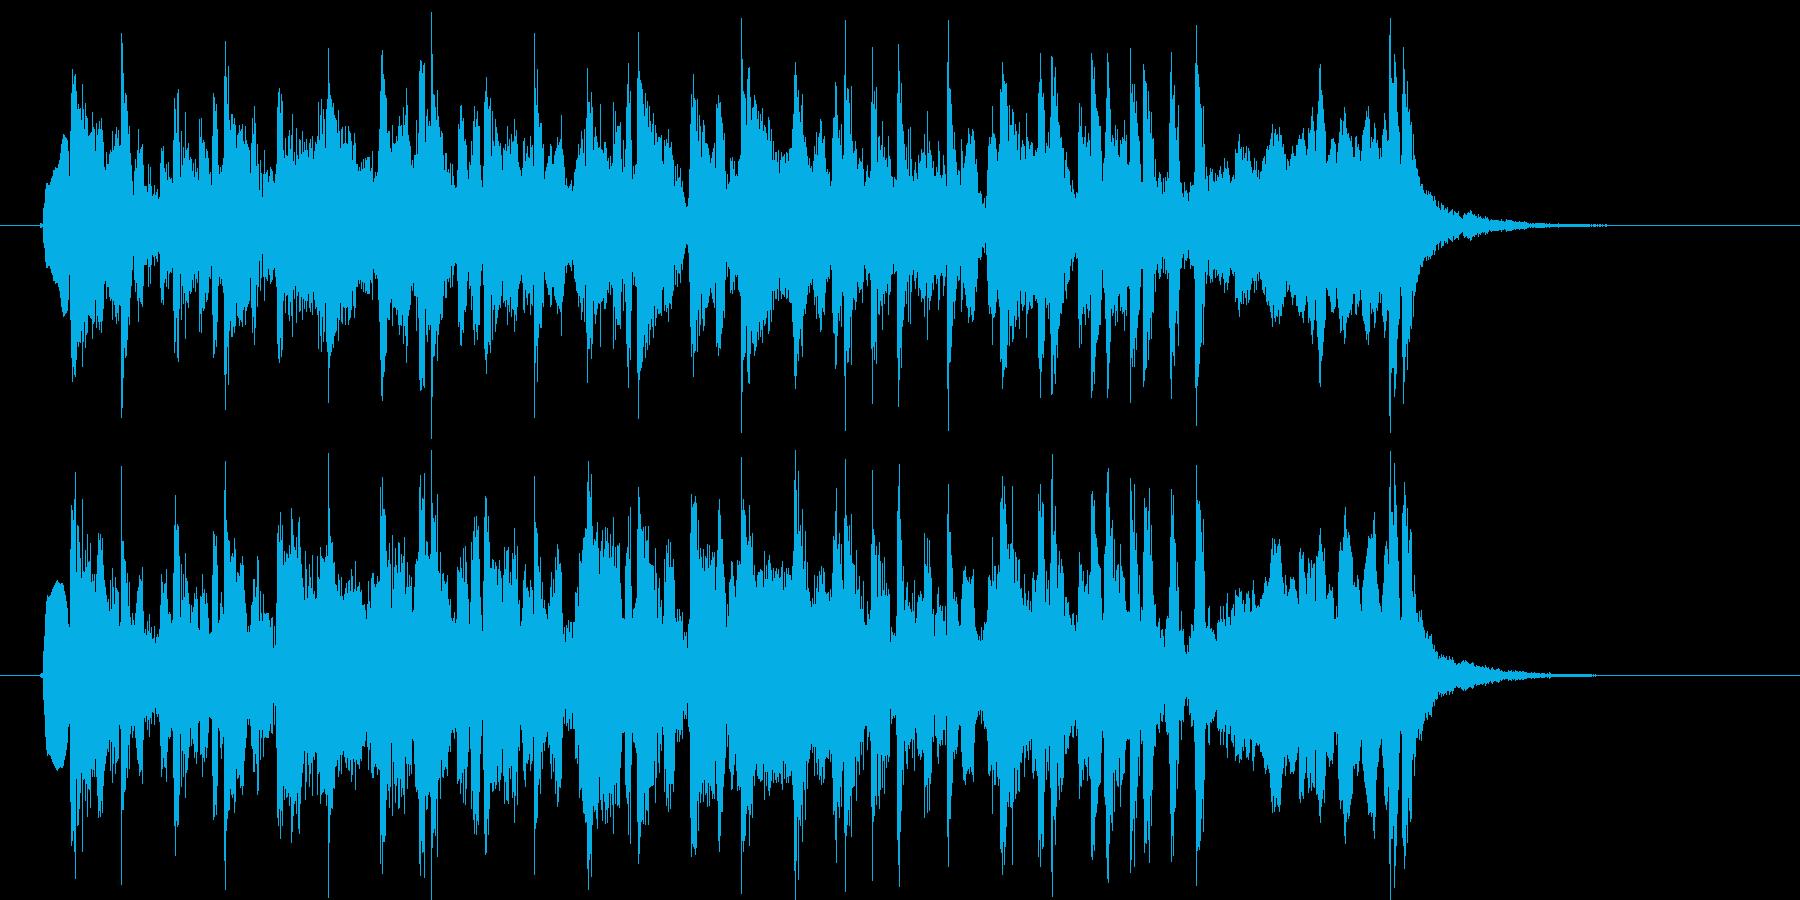 ゆったりと和やかなリラクゼーション音楽の再生済みの波形